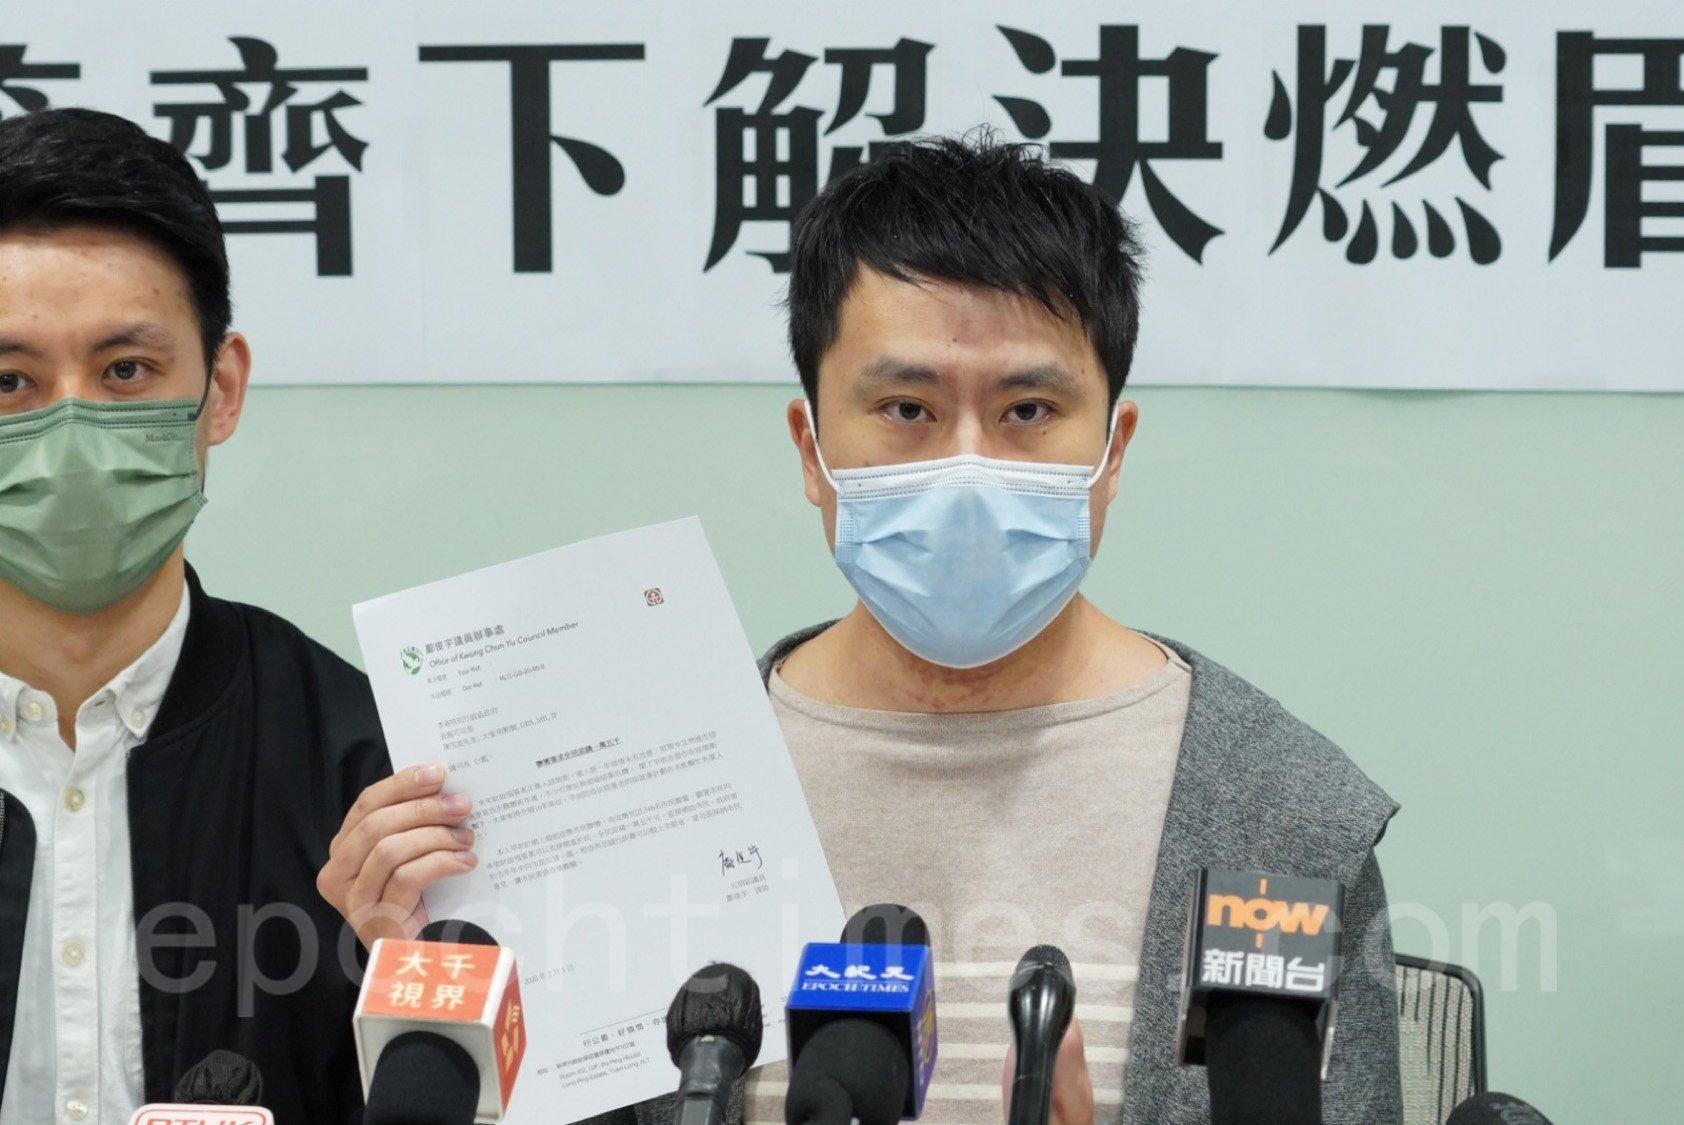 鄺俊宇形容市民處於「水深火熱」的環境,並指出香港百業蕭條的狀況是政府抗疫政策造成的影響。(余鋼/大紀元)